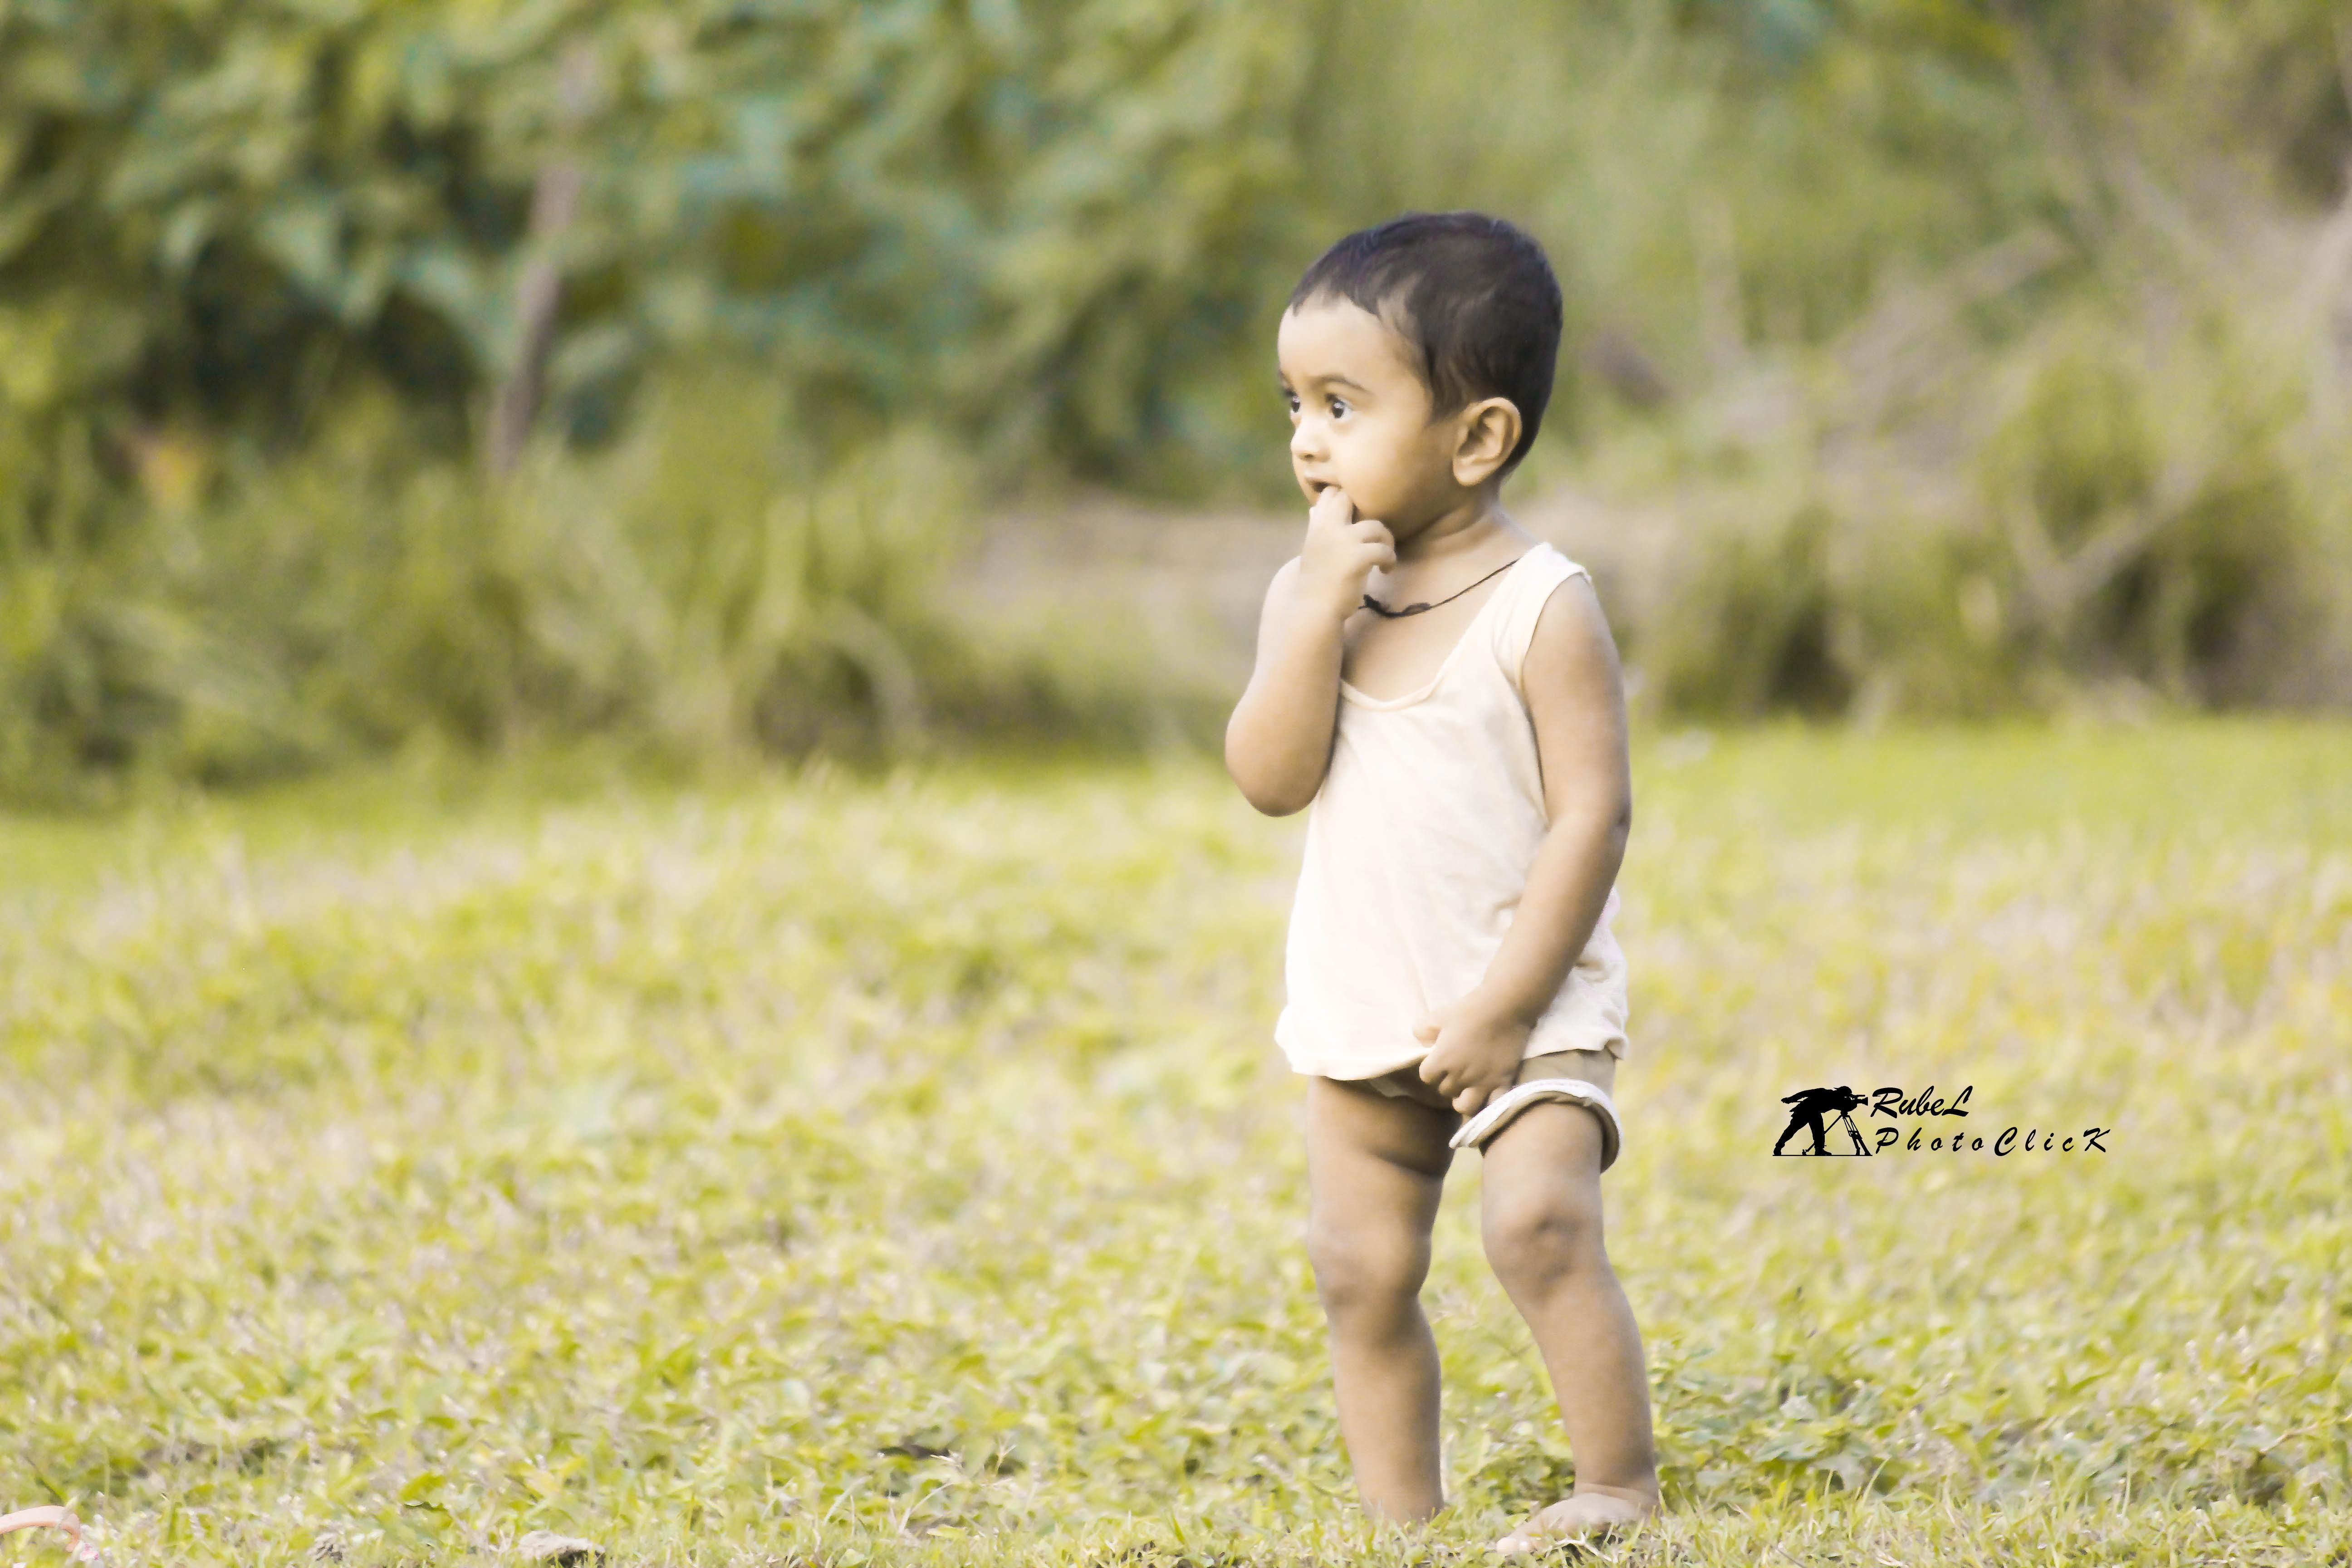 সদ্য হাটতে শেখা গ্রামের প্রাণবন্ত শিশু । কুষ্টিয়া । ছবিঃ রুবেল রানা ।